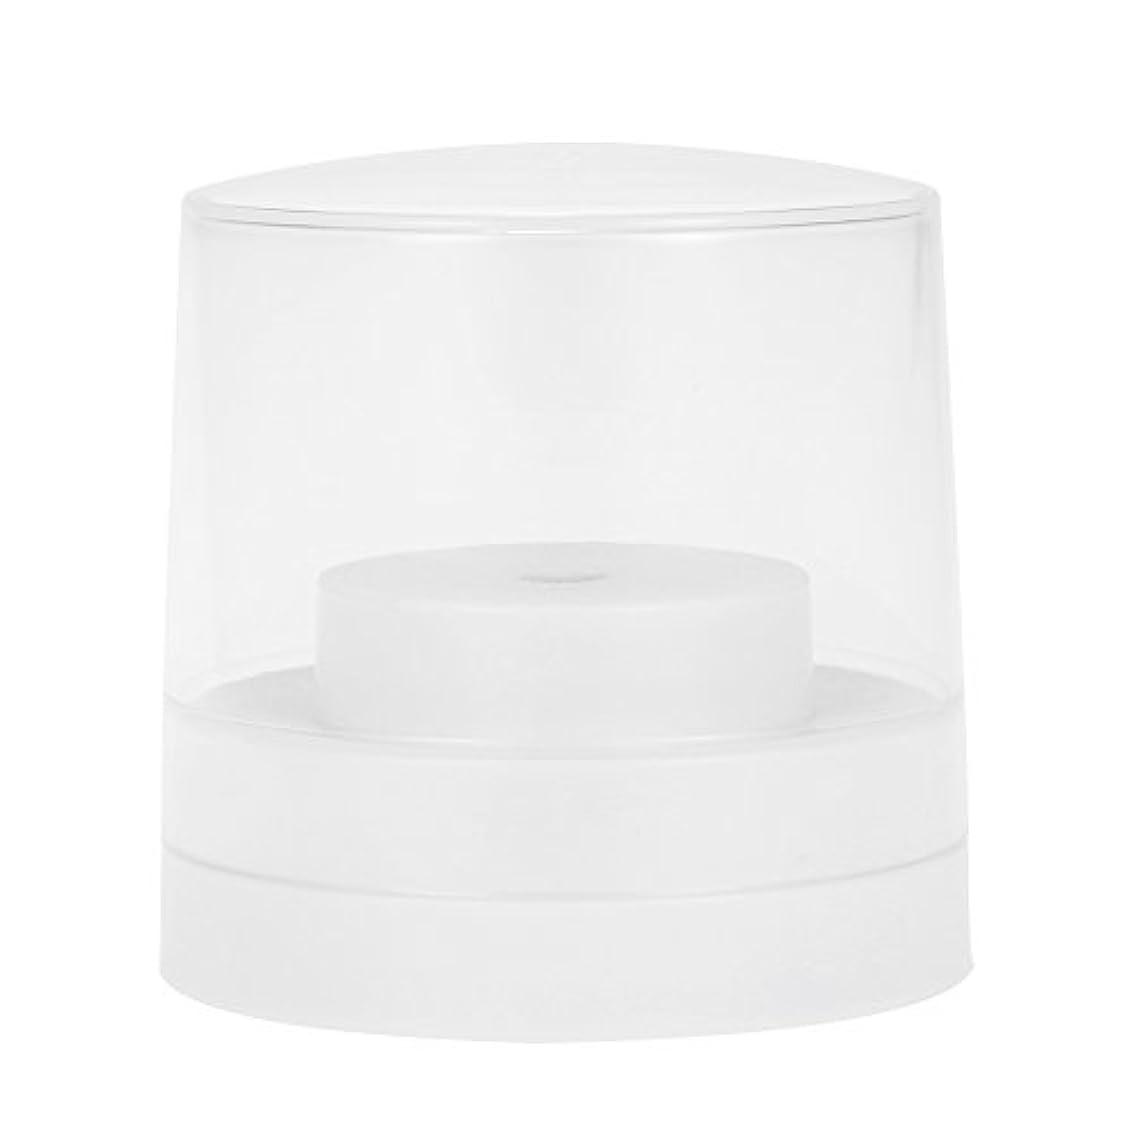 ストッキング焦げ乳Decdeal ネイルドリルビットホルダー 60穴 歯科用 バースタンド ディスプレイ オーガナイザー コンテナ 透明 カバープラスチック ネイル 歯科用アクセサリー